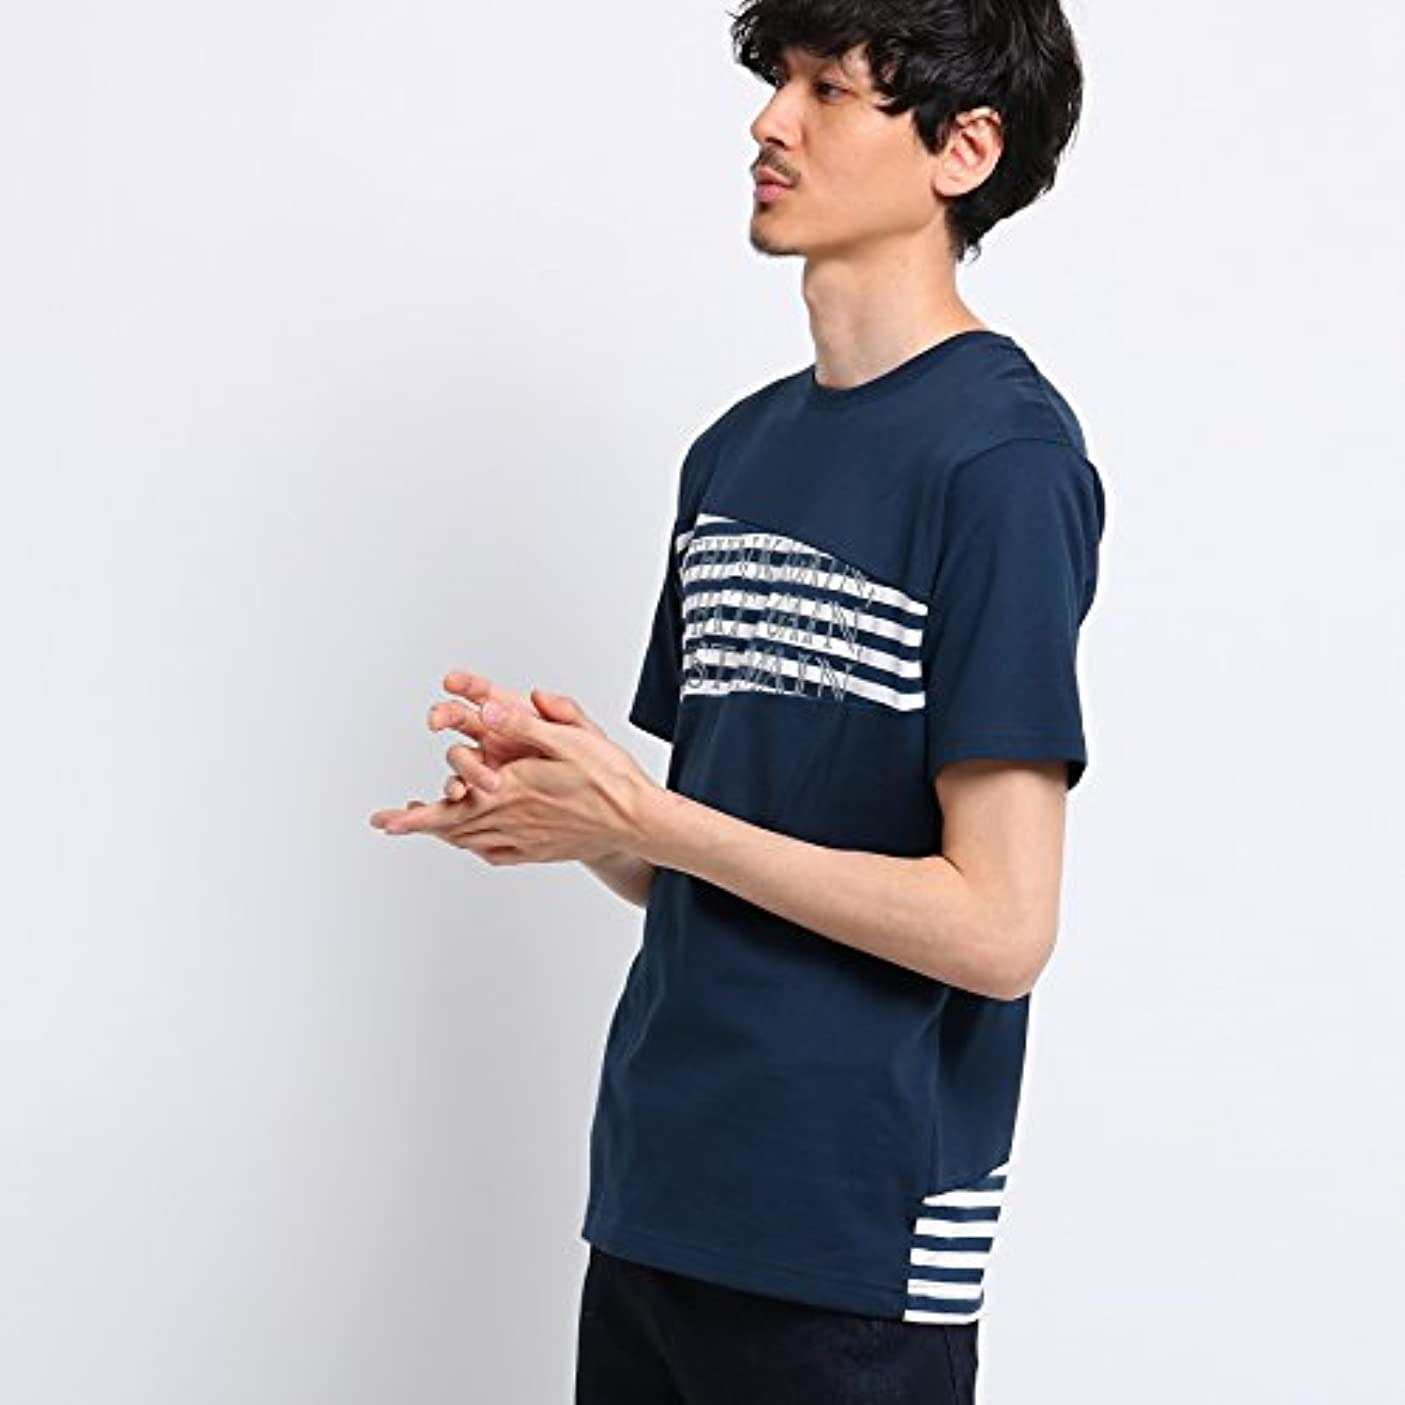 アナニバー切り下げ遅い(タケオキクチ) TAKEO KIKUCHI バイアス切替ボーダーTシャツ[ メンズ Tシャツ ボーダー ] 07024004